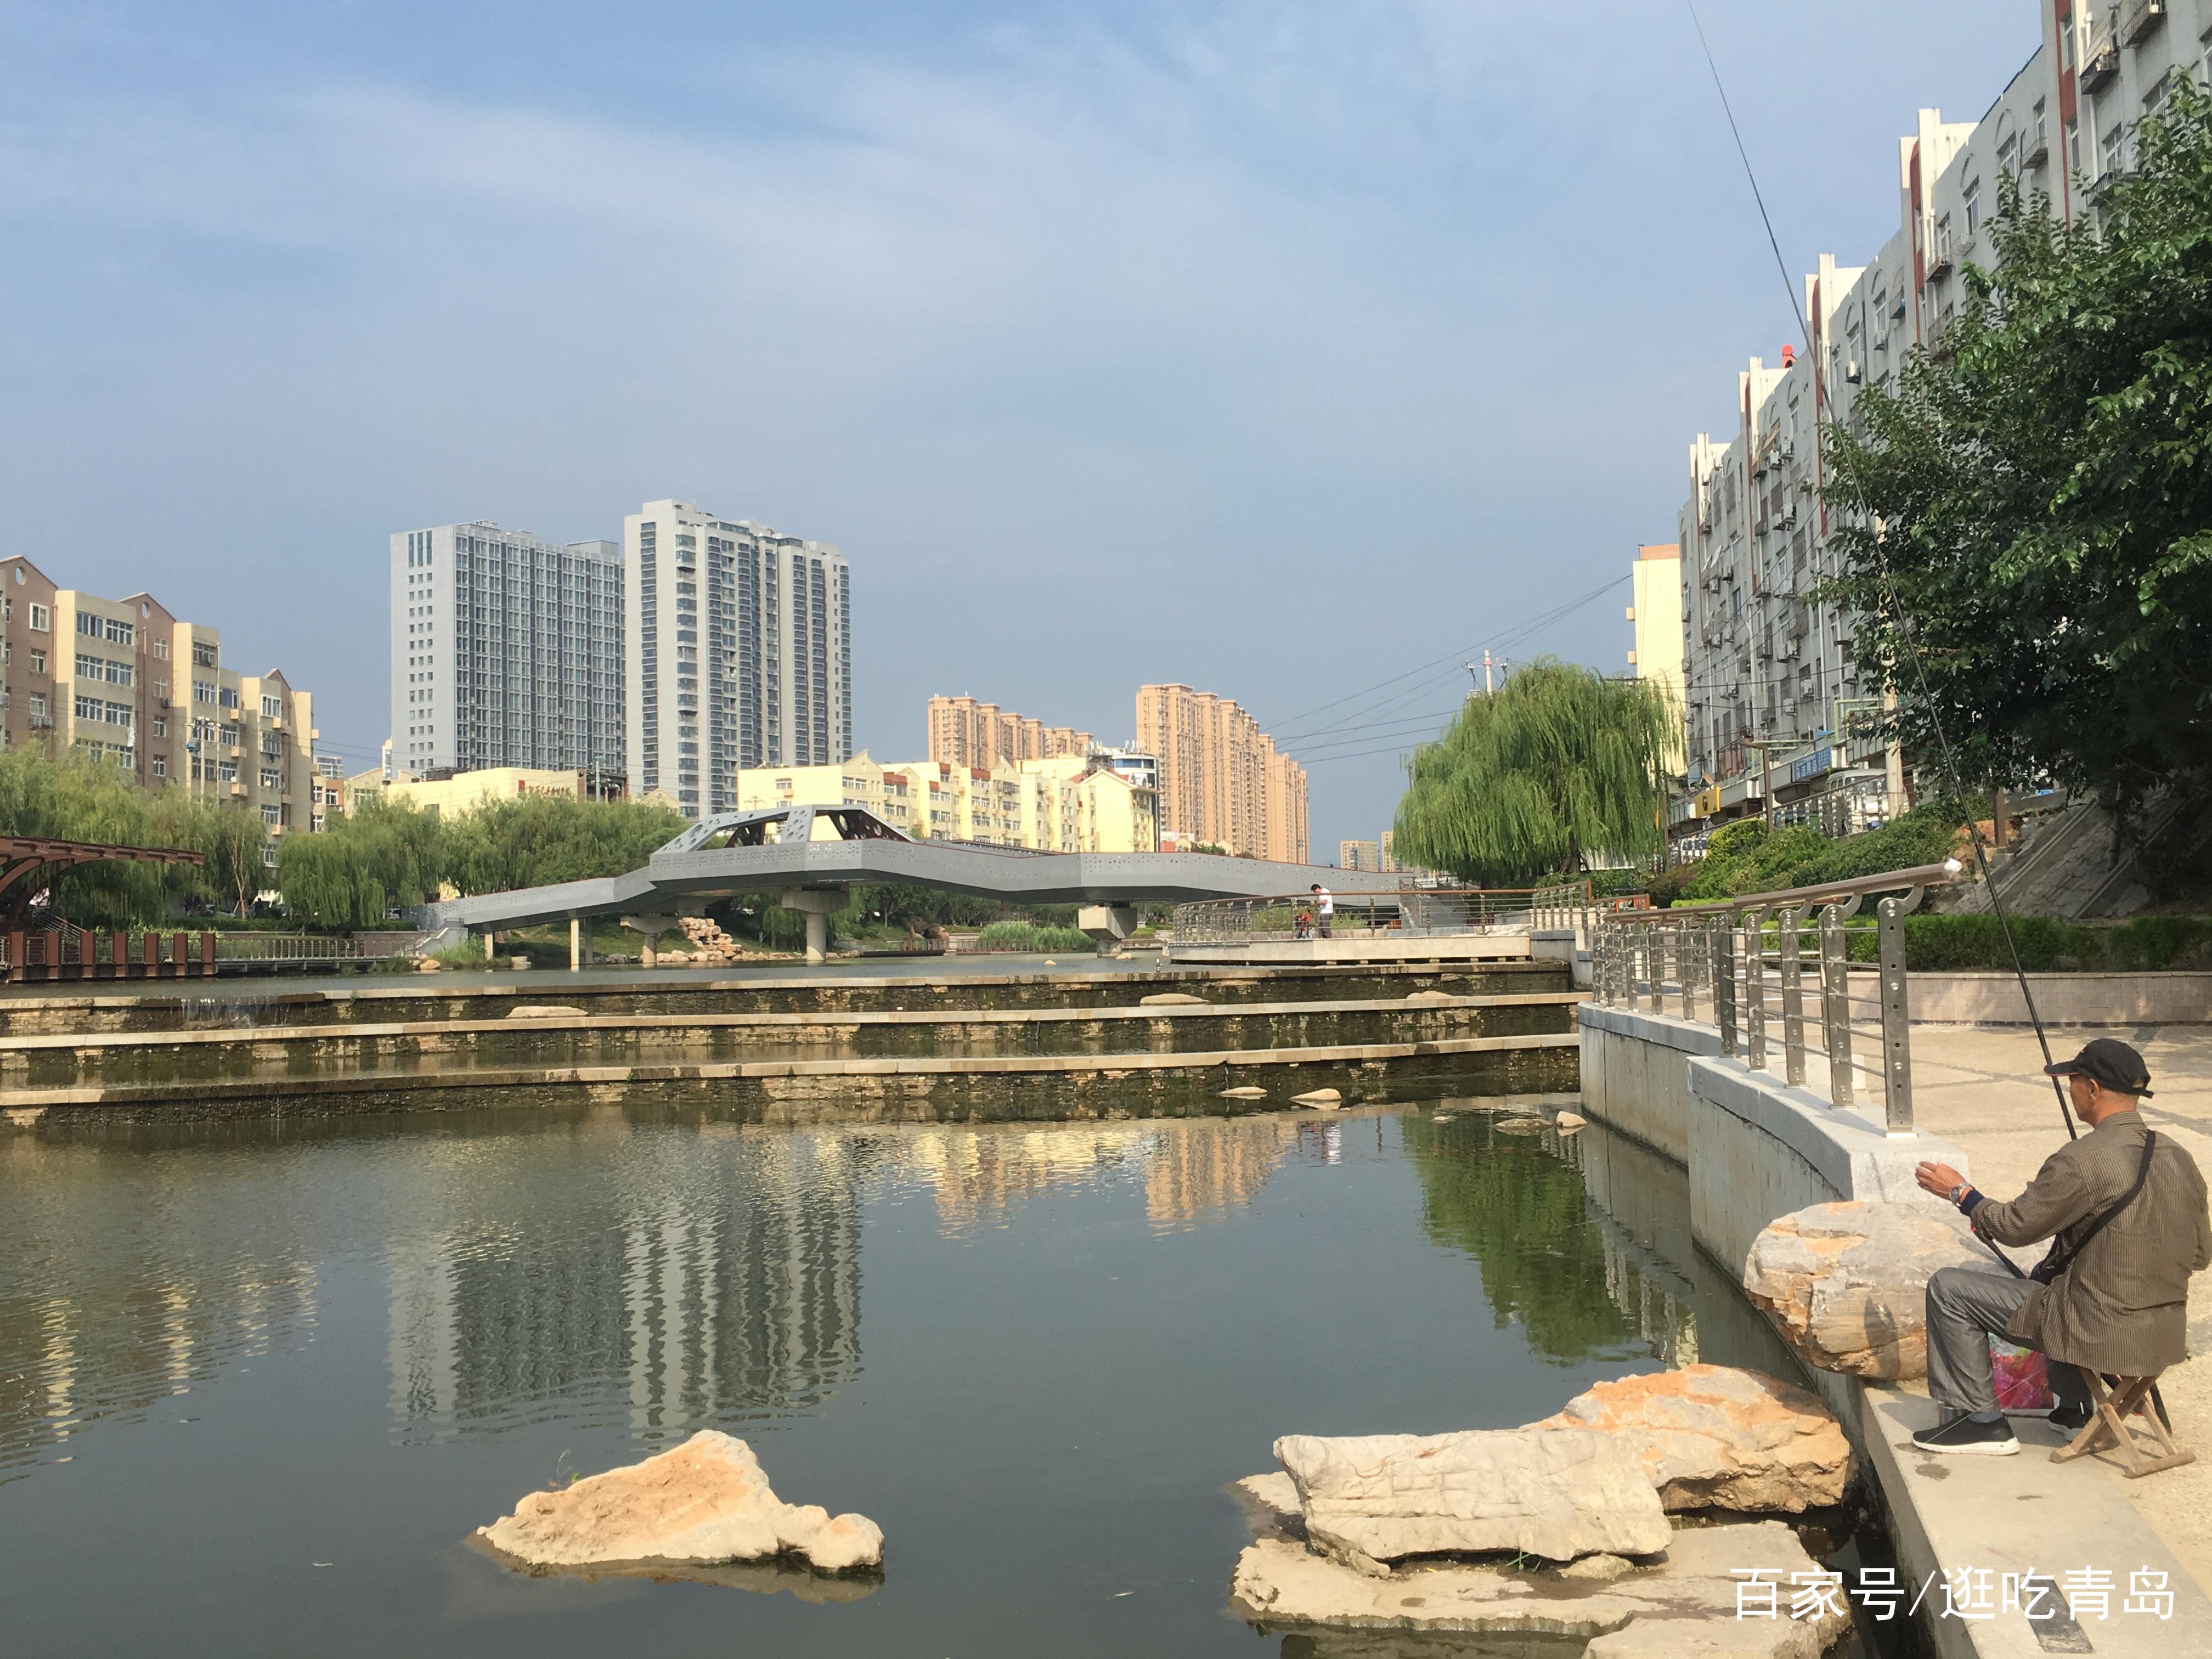 """青岛最大商圈""""藏""""着一条景观河,芦苇丛生鸟飞鱼跃如入"""